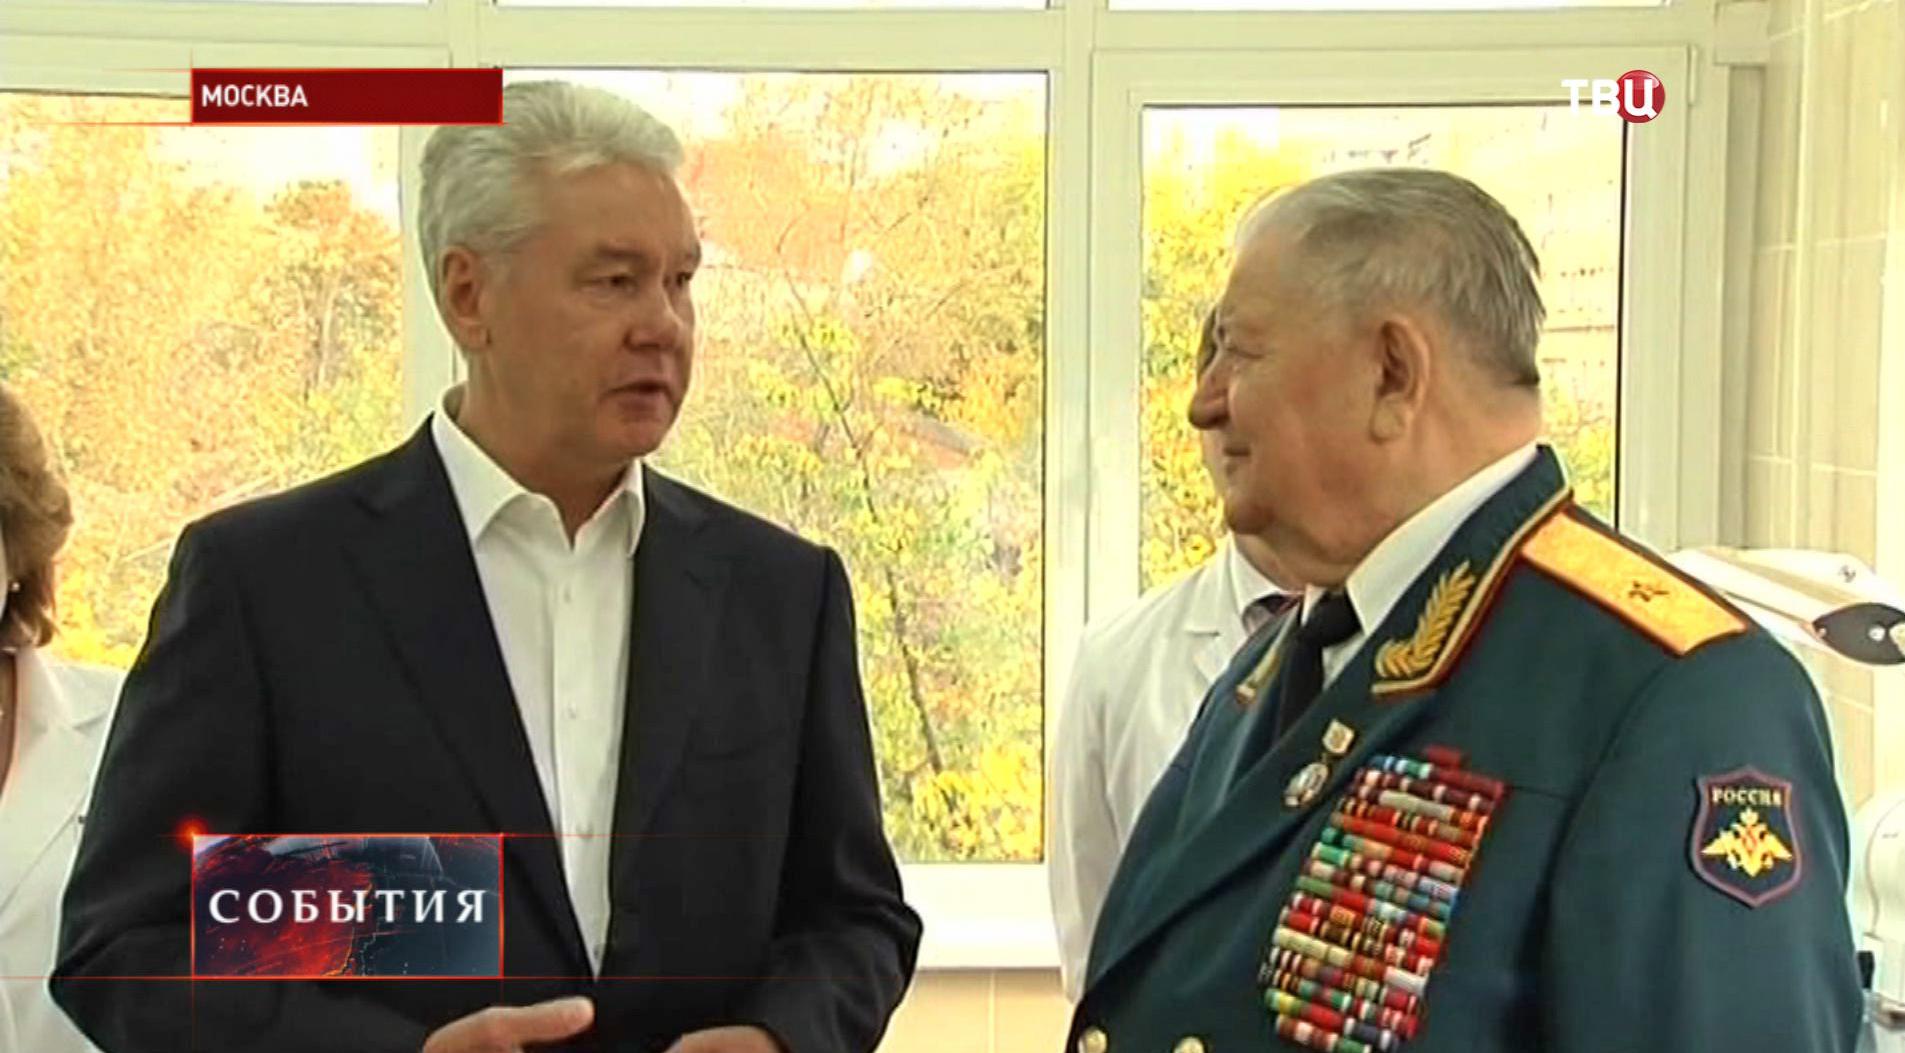 Сергей Собянин общается с ветераном войны